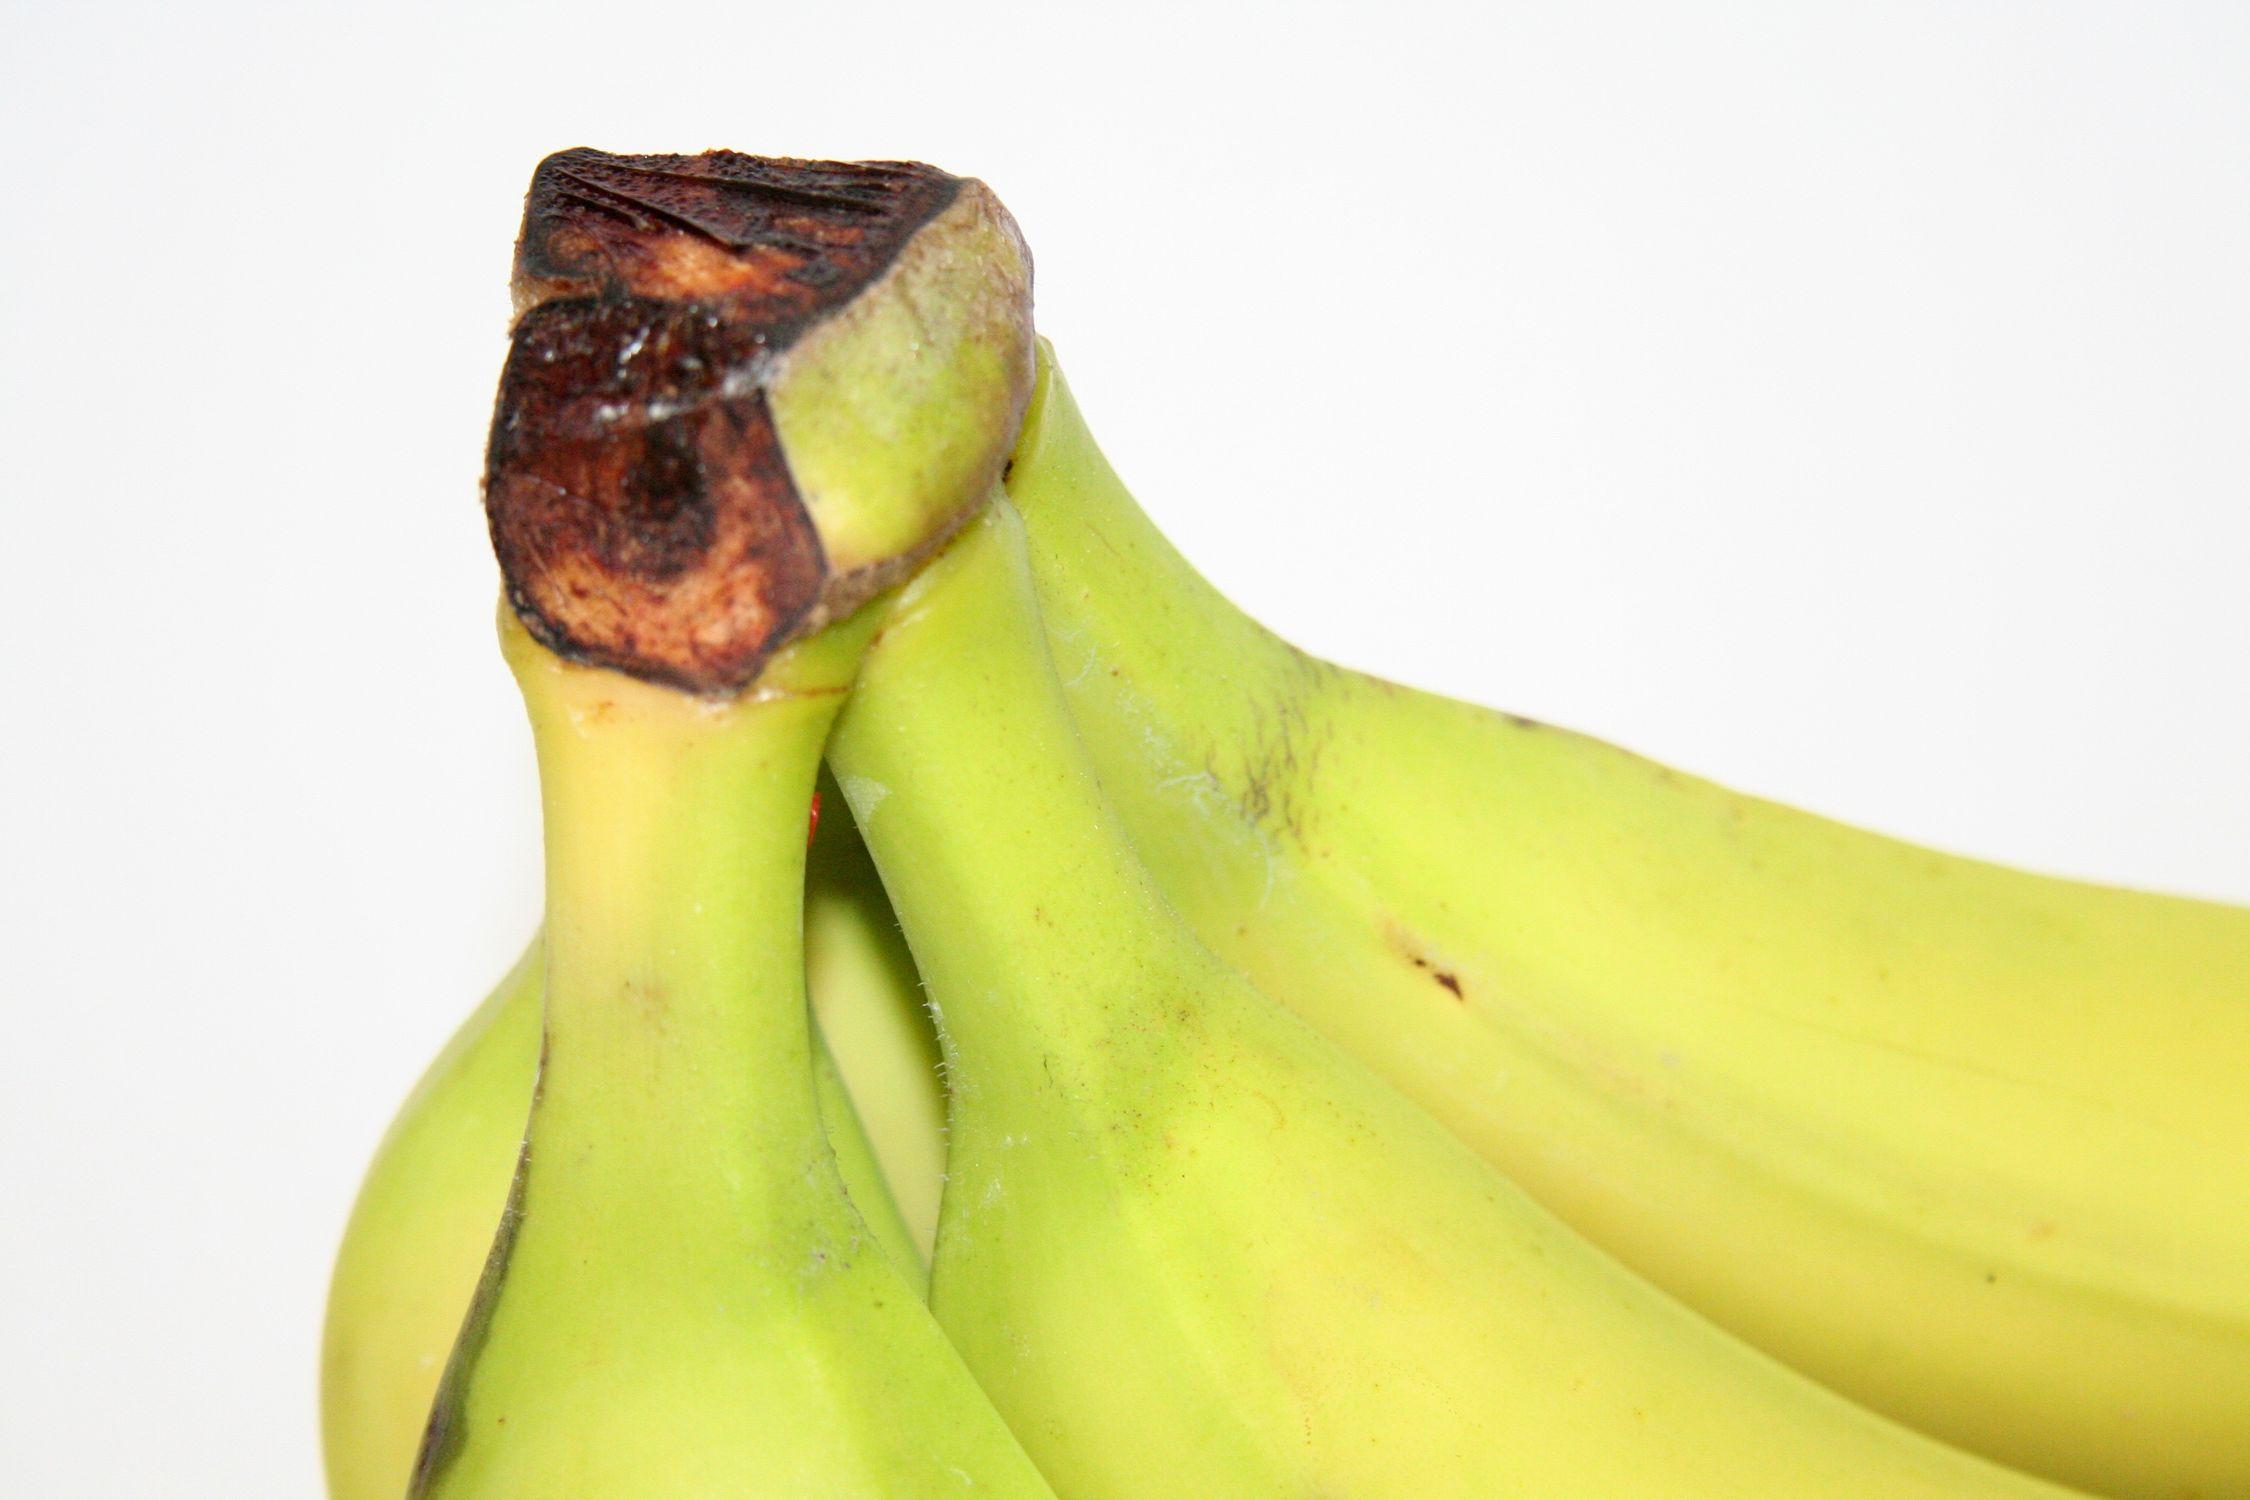 Bild mit Früchte, Bananen, Frucht, Banane, Obst, banana